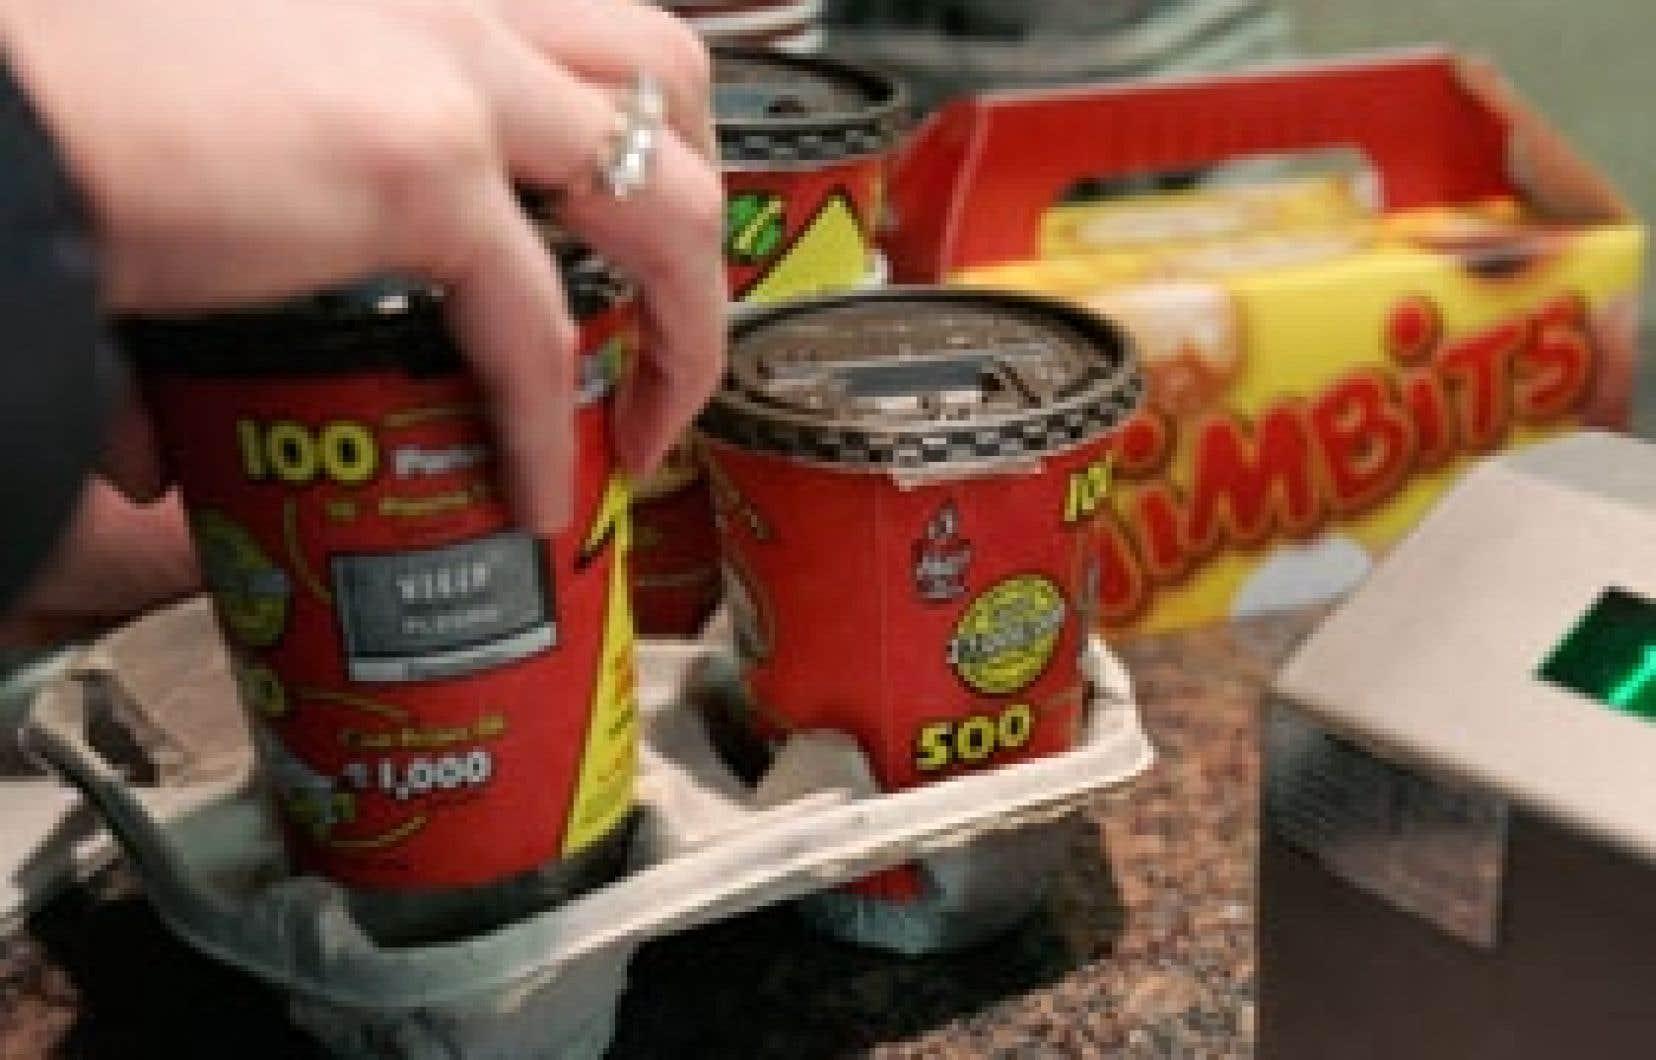 Les ventes des établissements de Tim Hortons comparables ont augmenté de 7,5 % au Canada et de 8,9 % aux États-Unis.